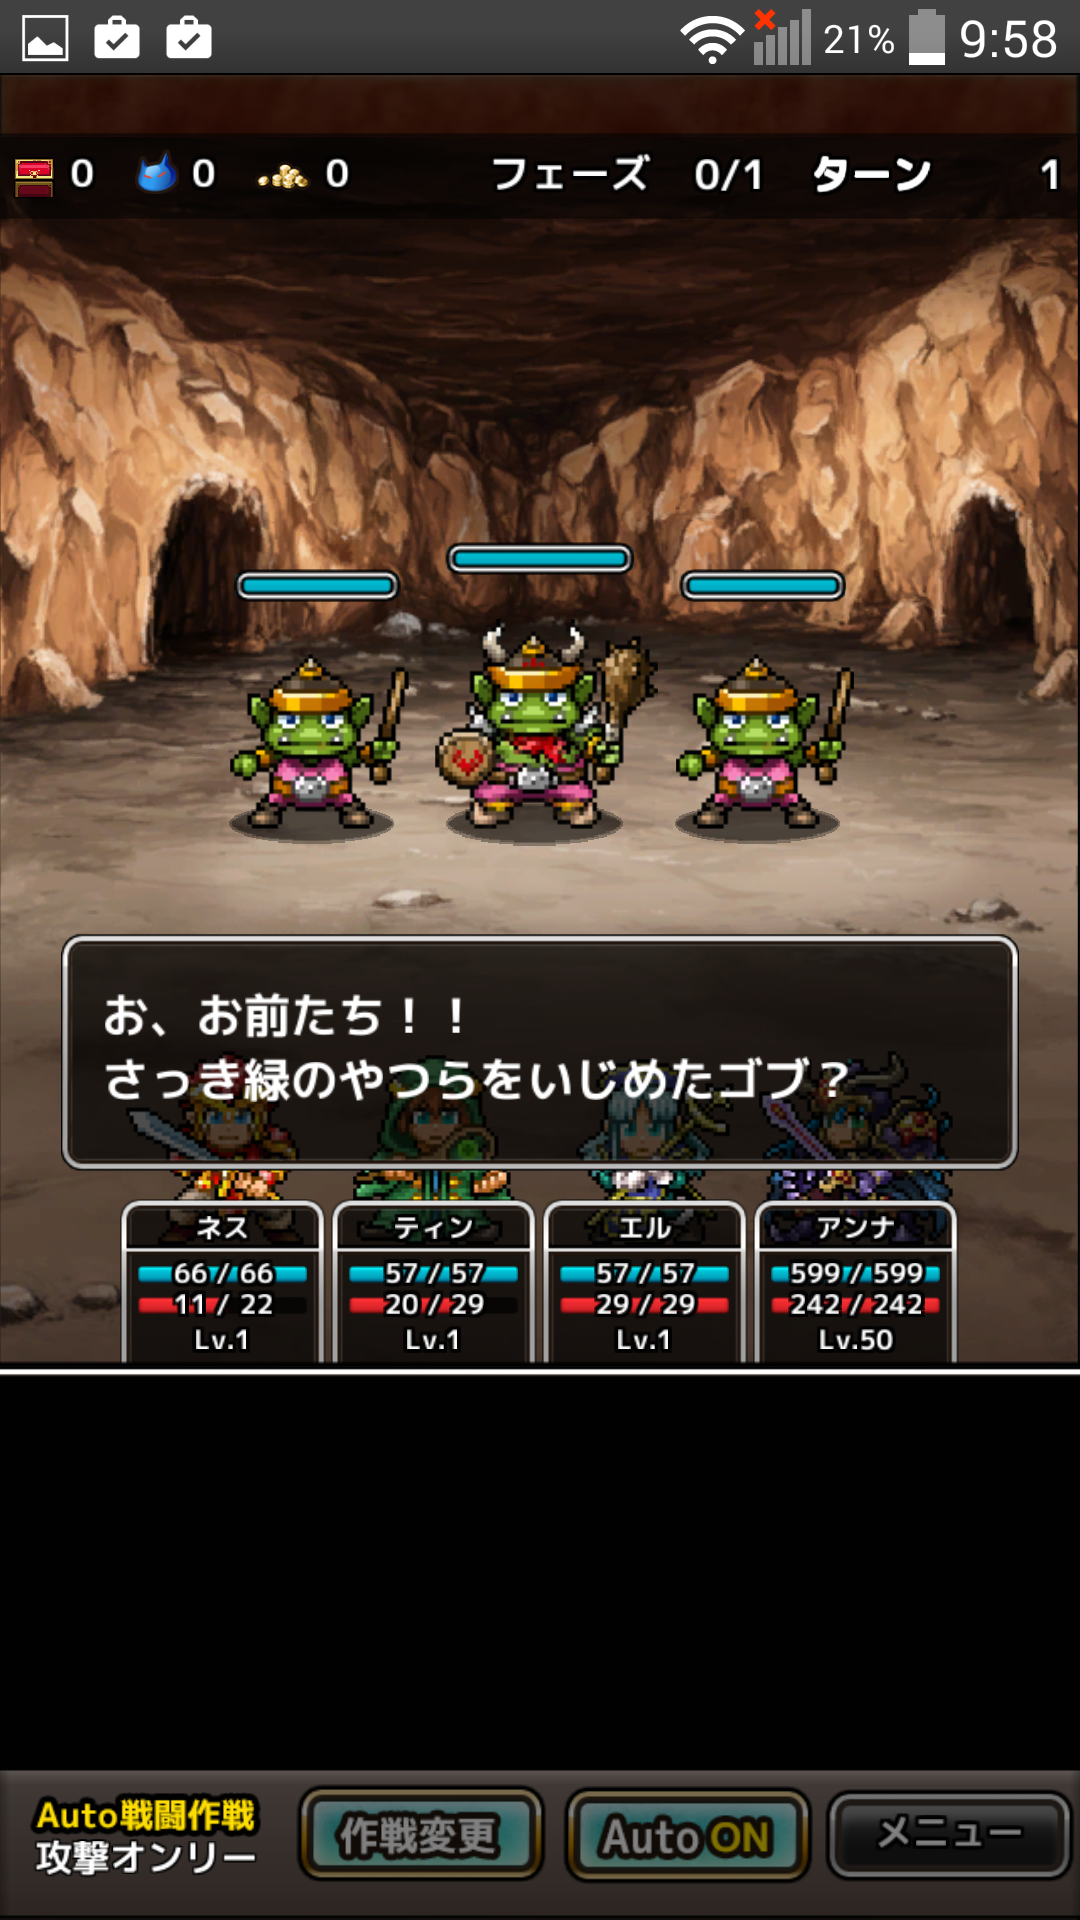 androidアプリ クロスモンスターズ(クロモン)攻略スクリーンショット4